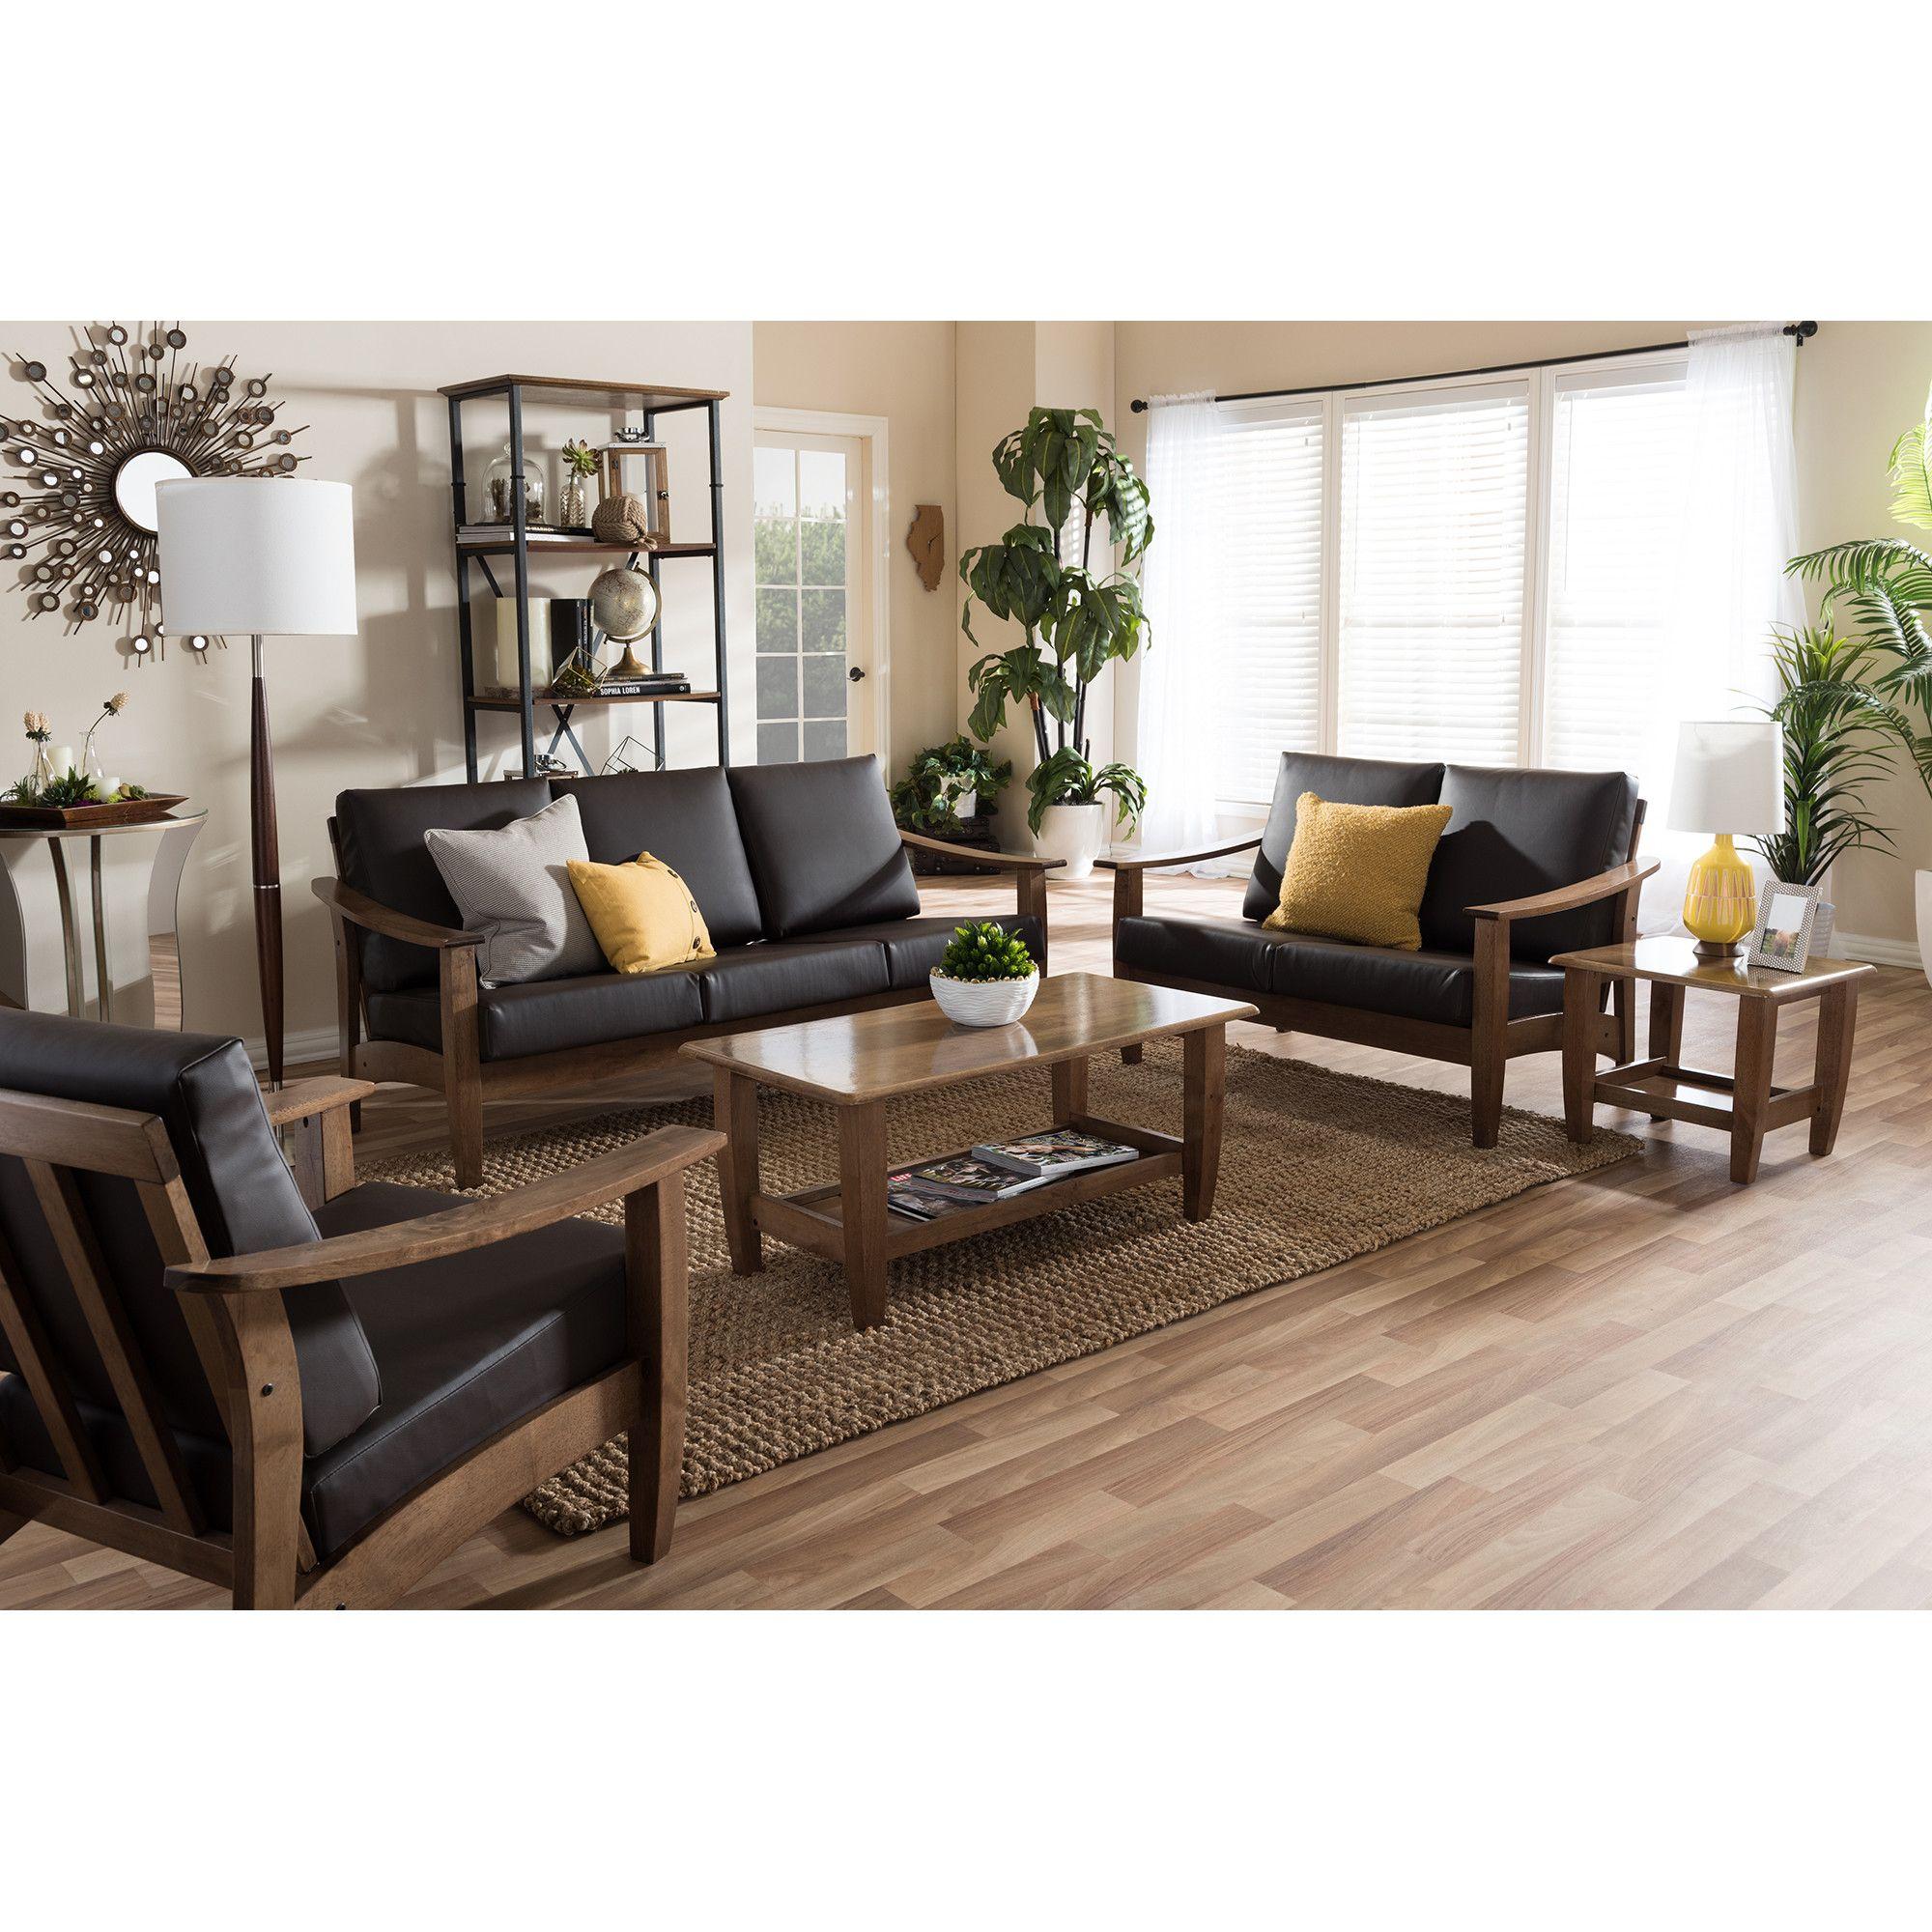 Best Ahart Arm Chair 5 Piece Living Room Set 5 Piece Living 400 x 300